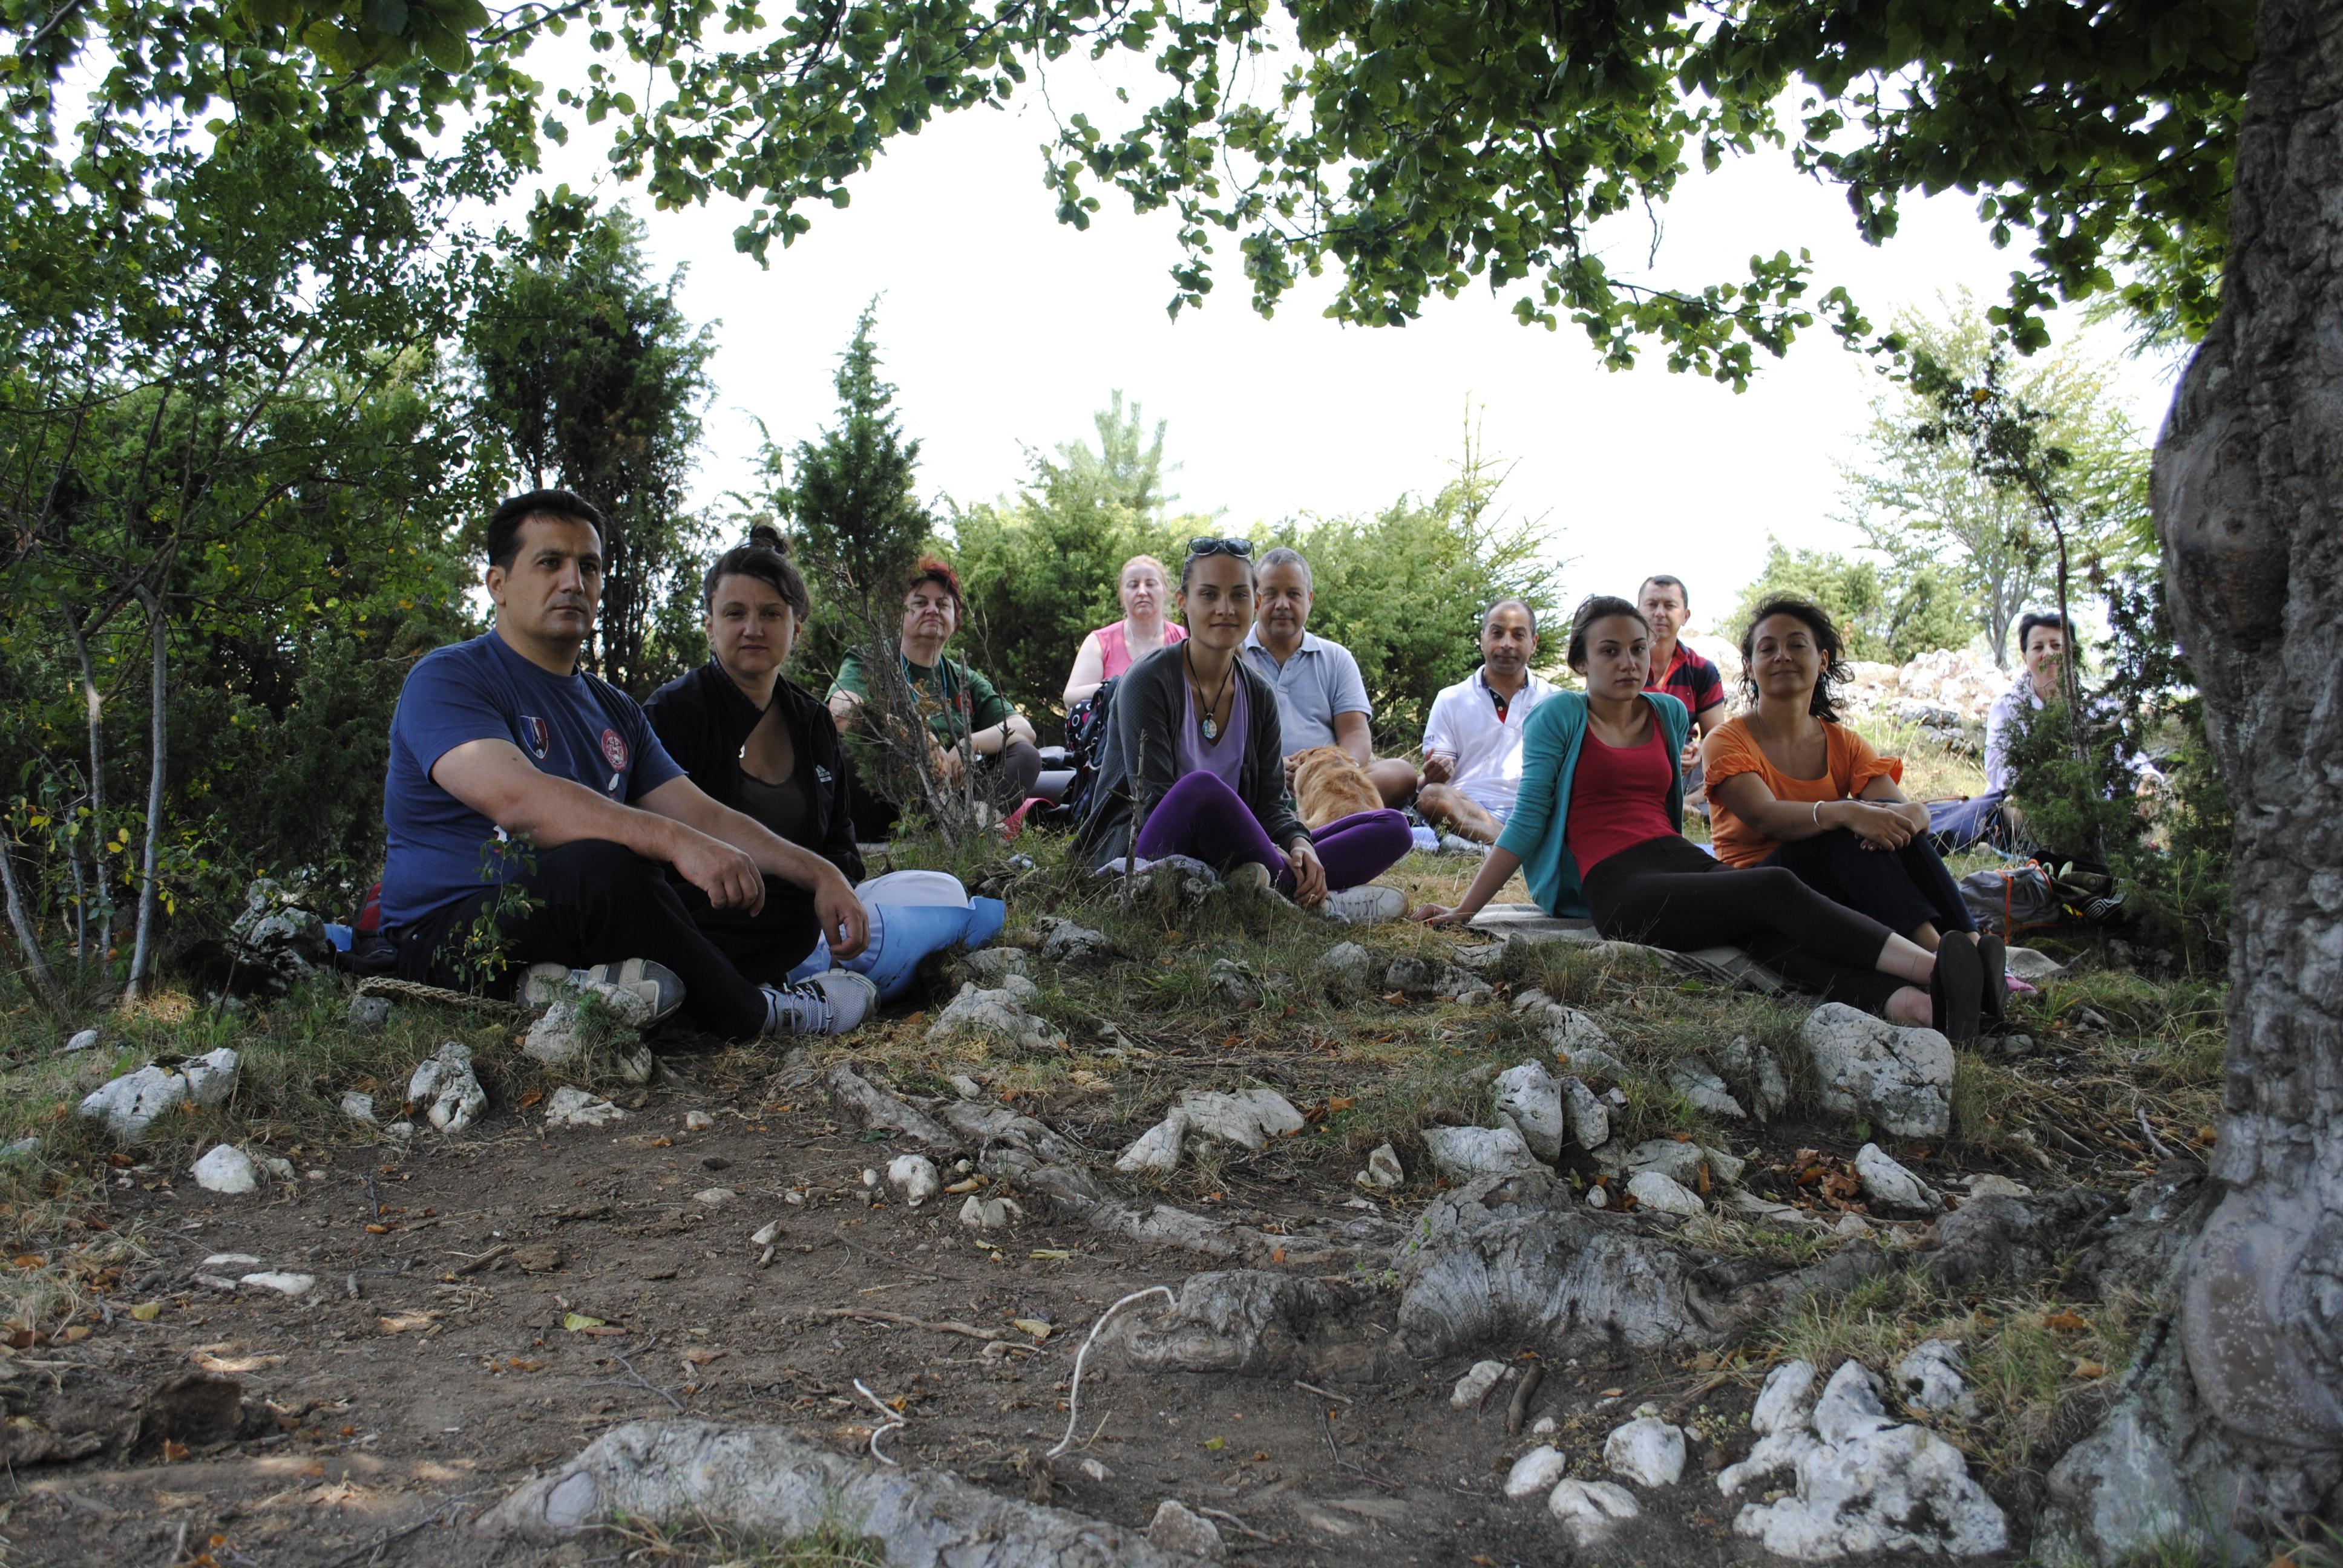 Tabara de meditatie Fundata 2013